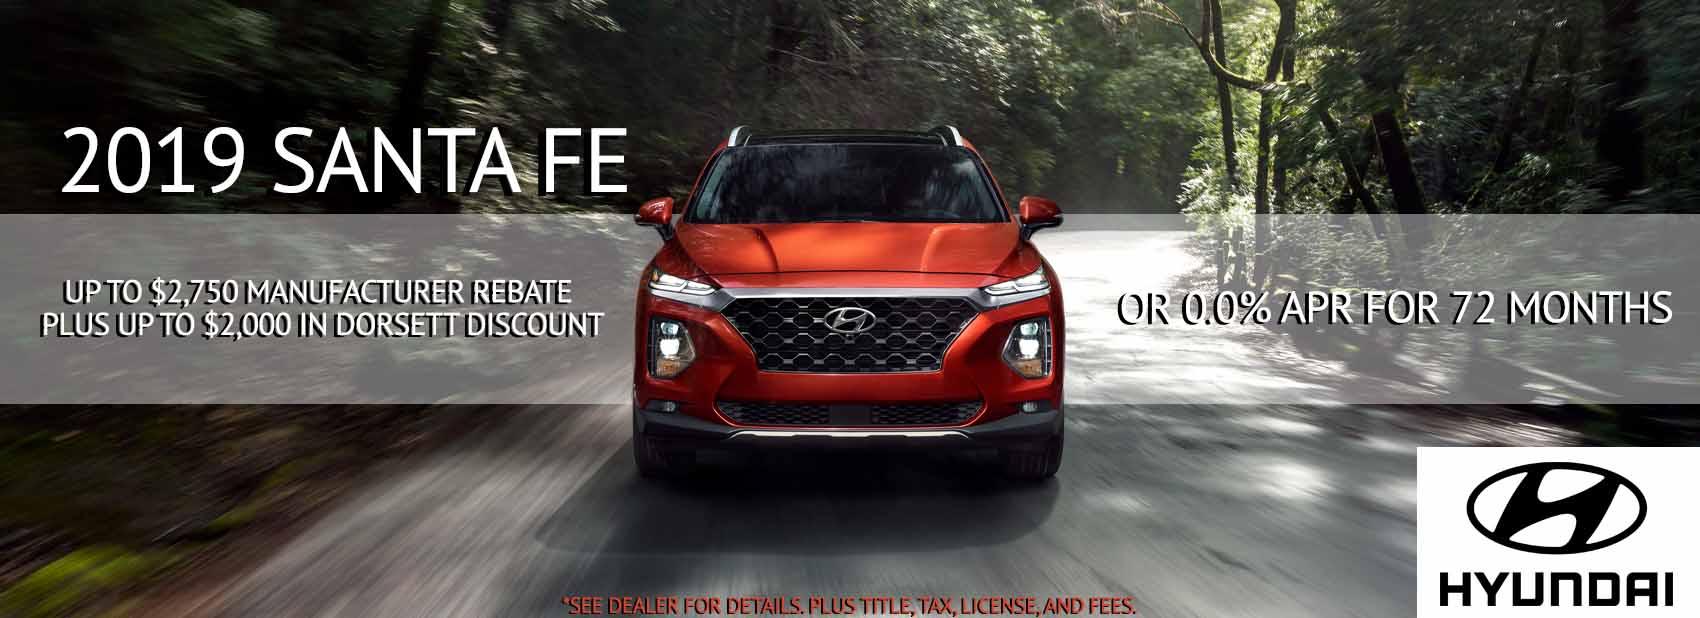 Dorsett Hyundai Terre Haute In New Hyundai Dealer